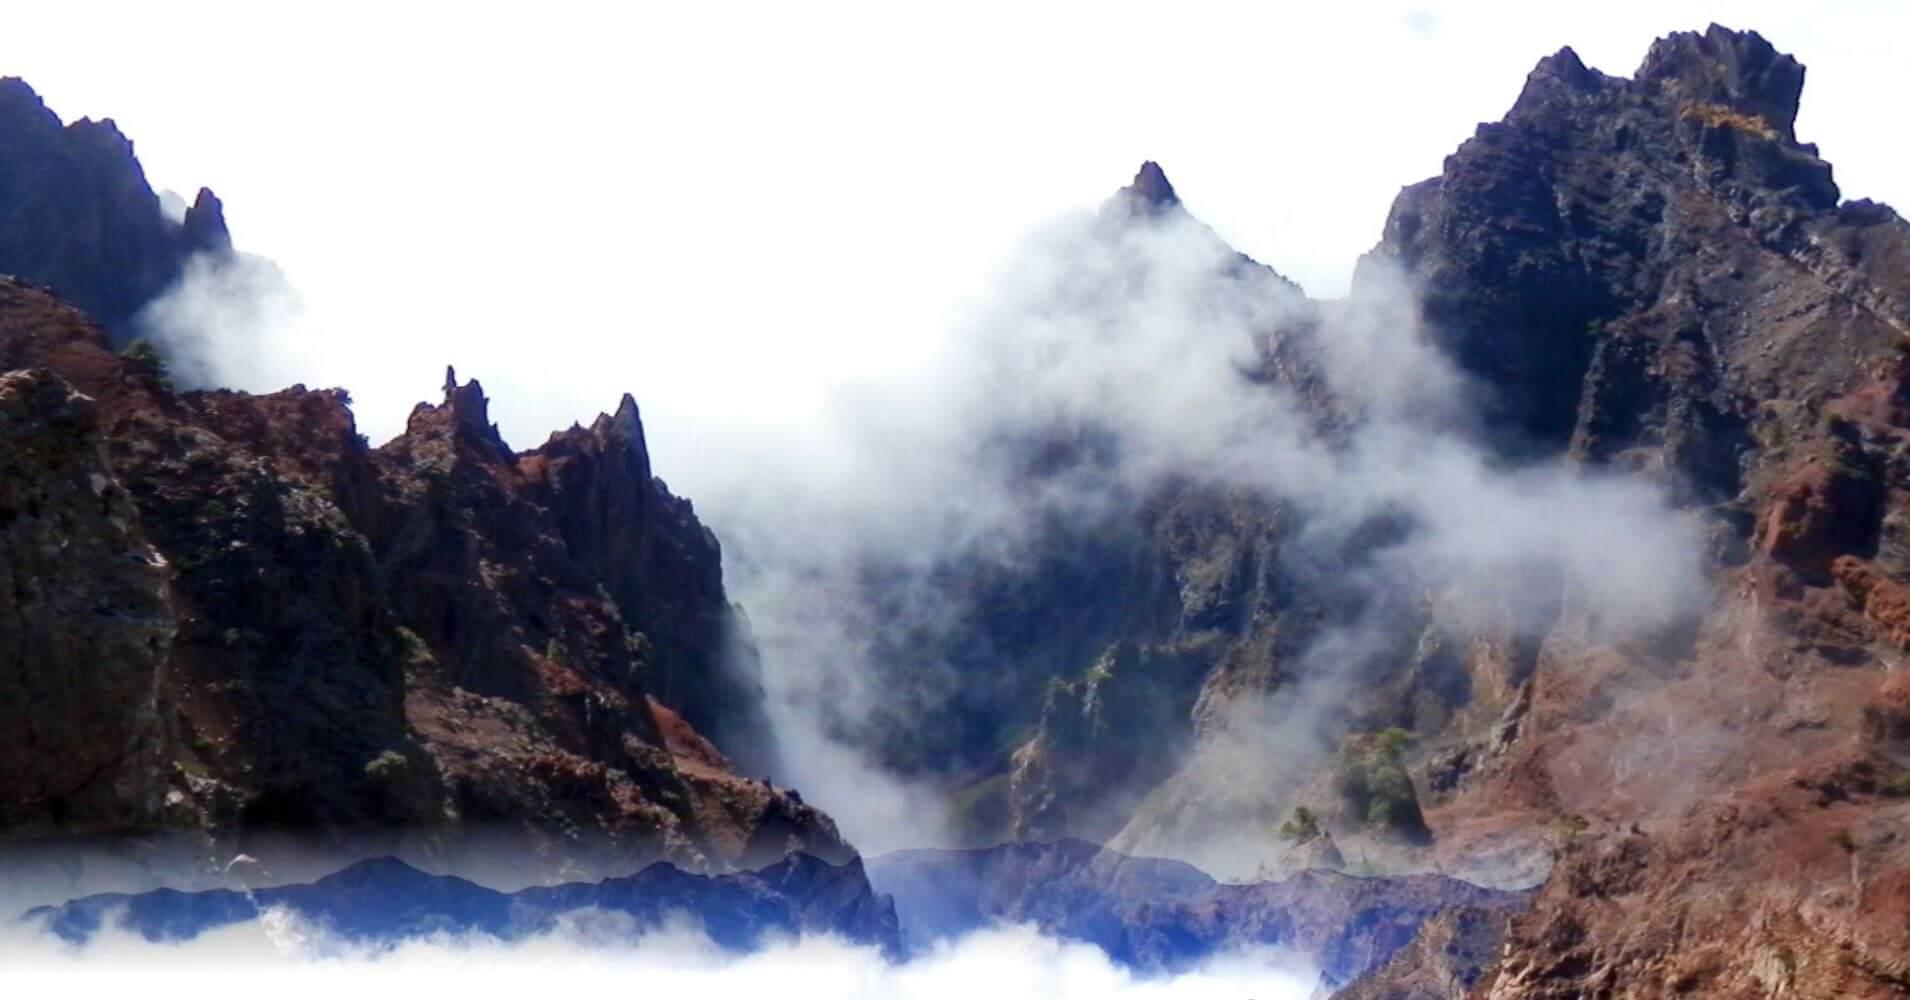 Parque Nacional de la Caldera de Taburiente. Isla de La Palma. Canarias.